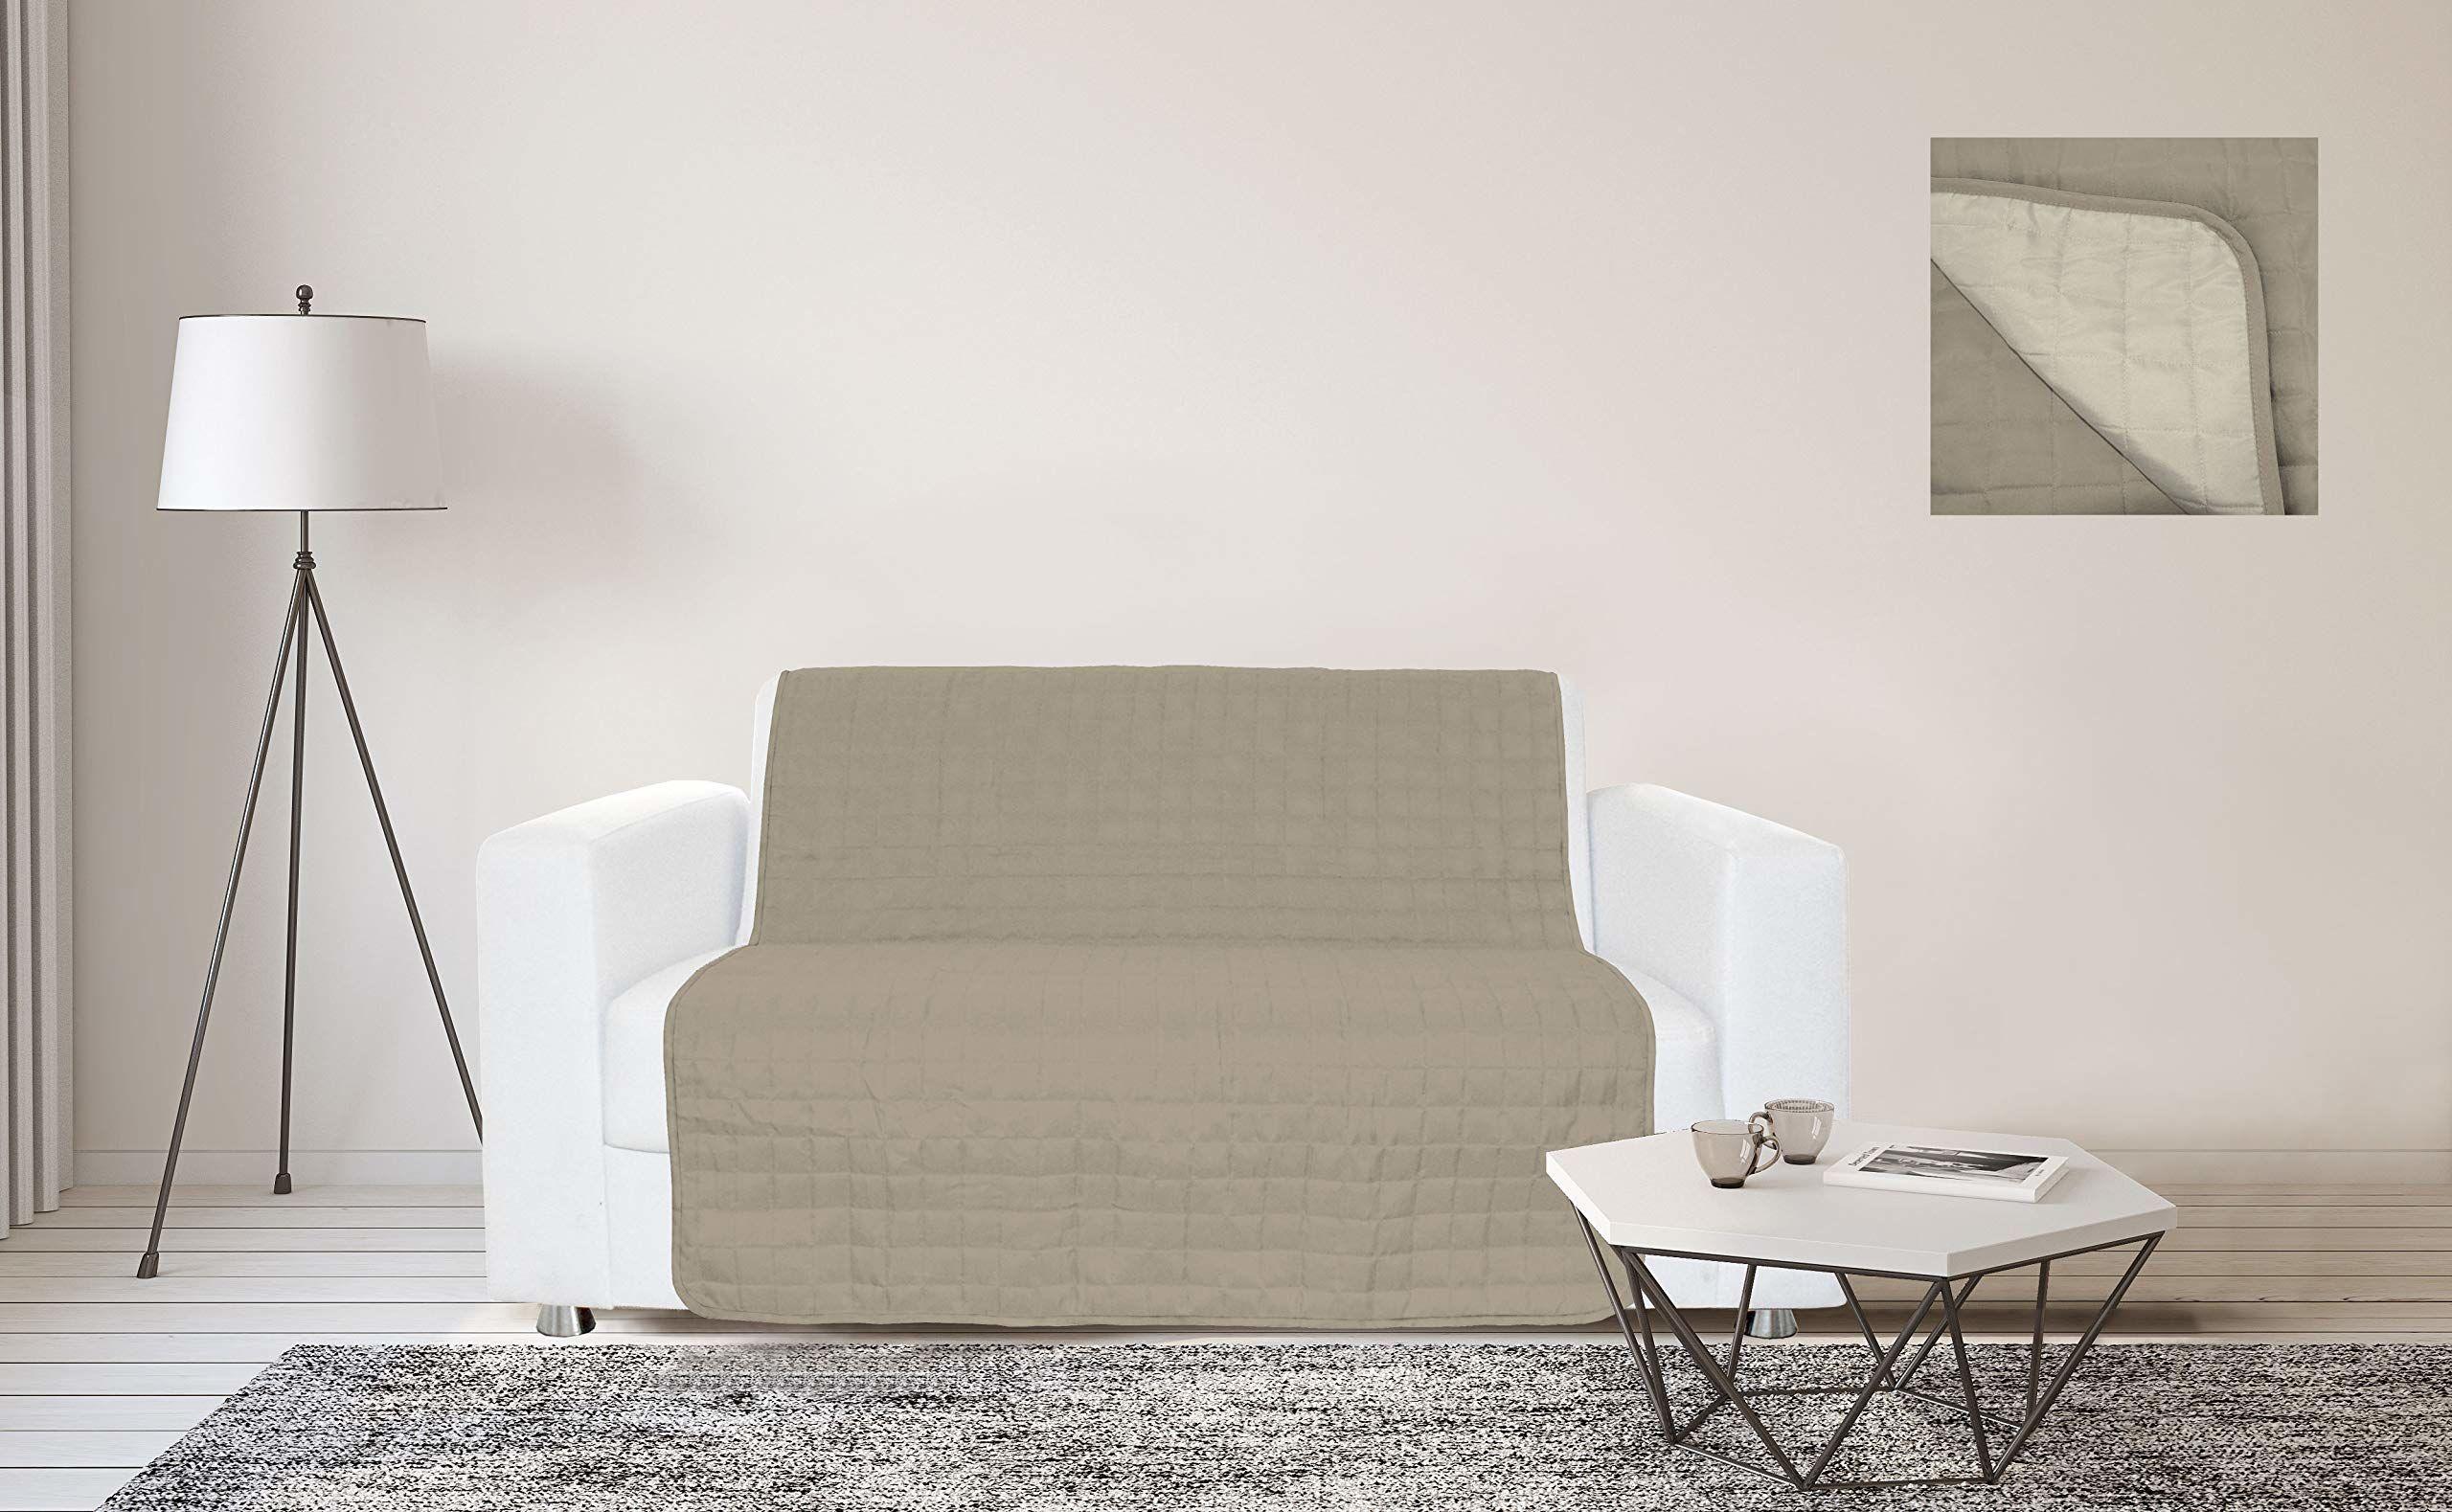 Sogni e Capricci Wodoodporna narzuta na sofę, 125 x 190 cm, gołębiowy/kremowy, 2 miejsca